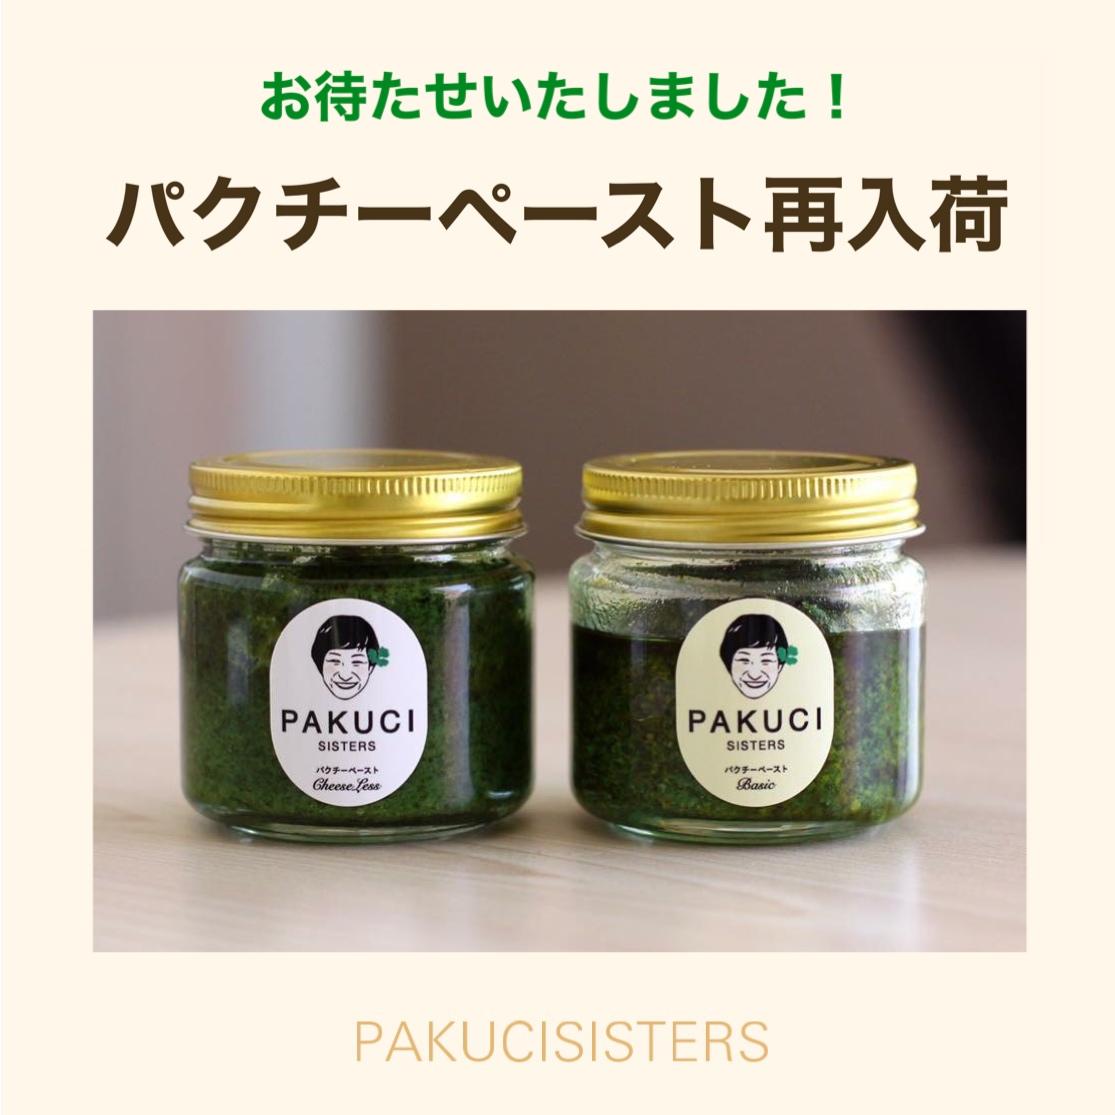 【クーポン配信】パクチーペースト再販!